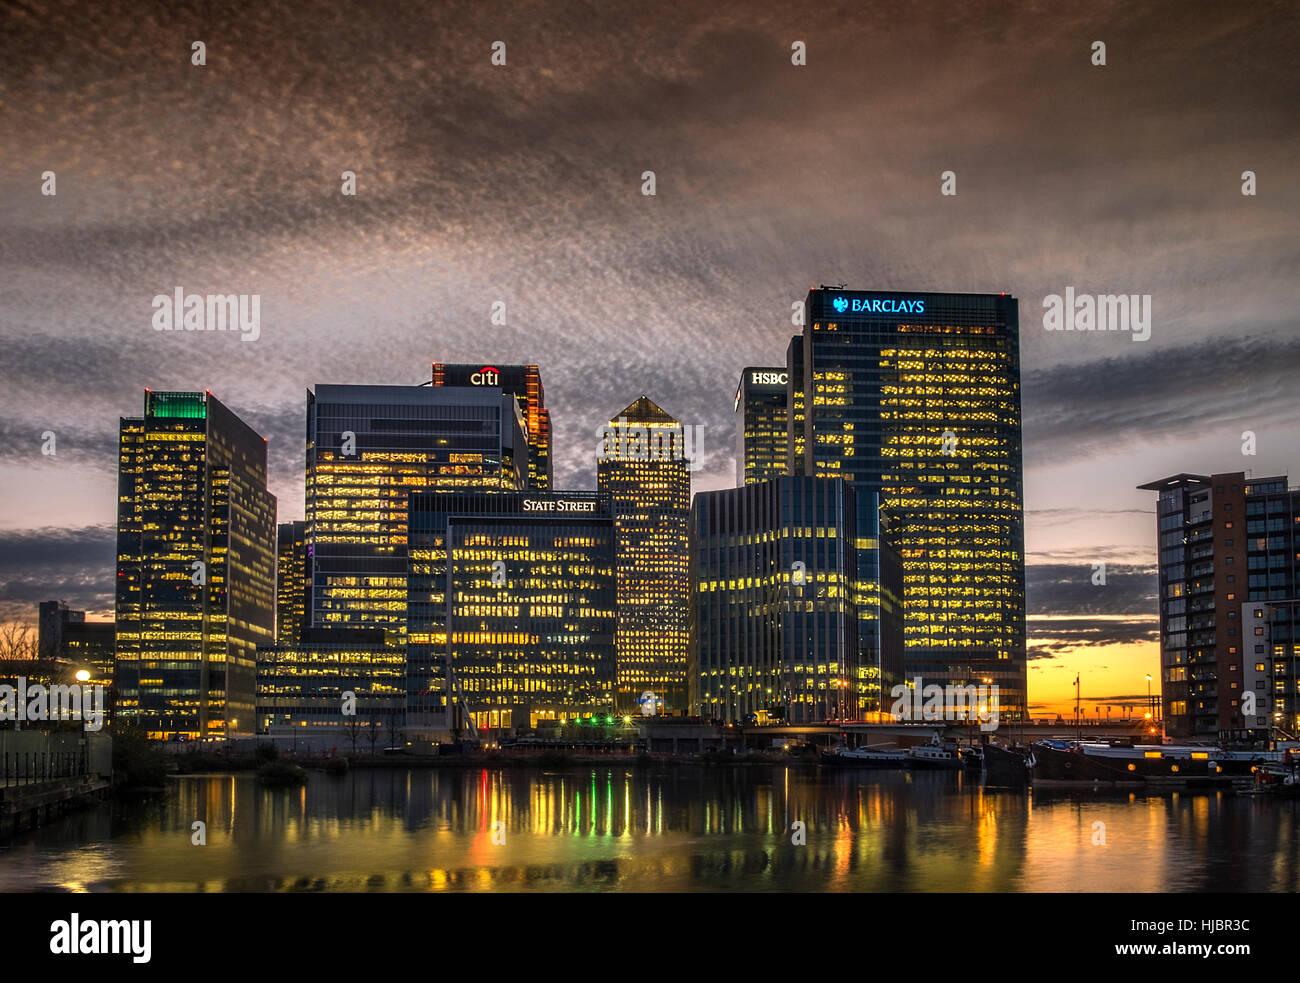 Canary Wharf Sunset, London Docklands, London, England, UK - Stock Image